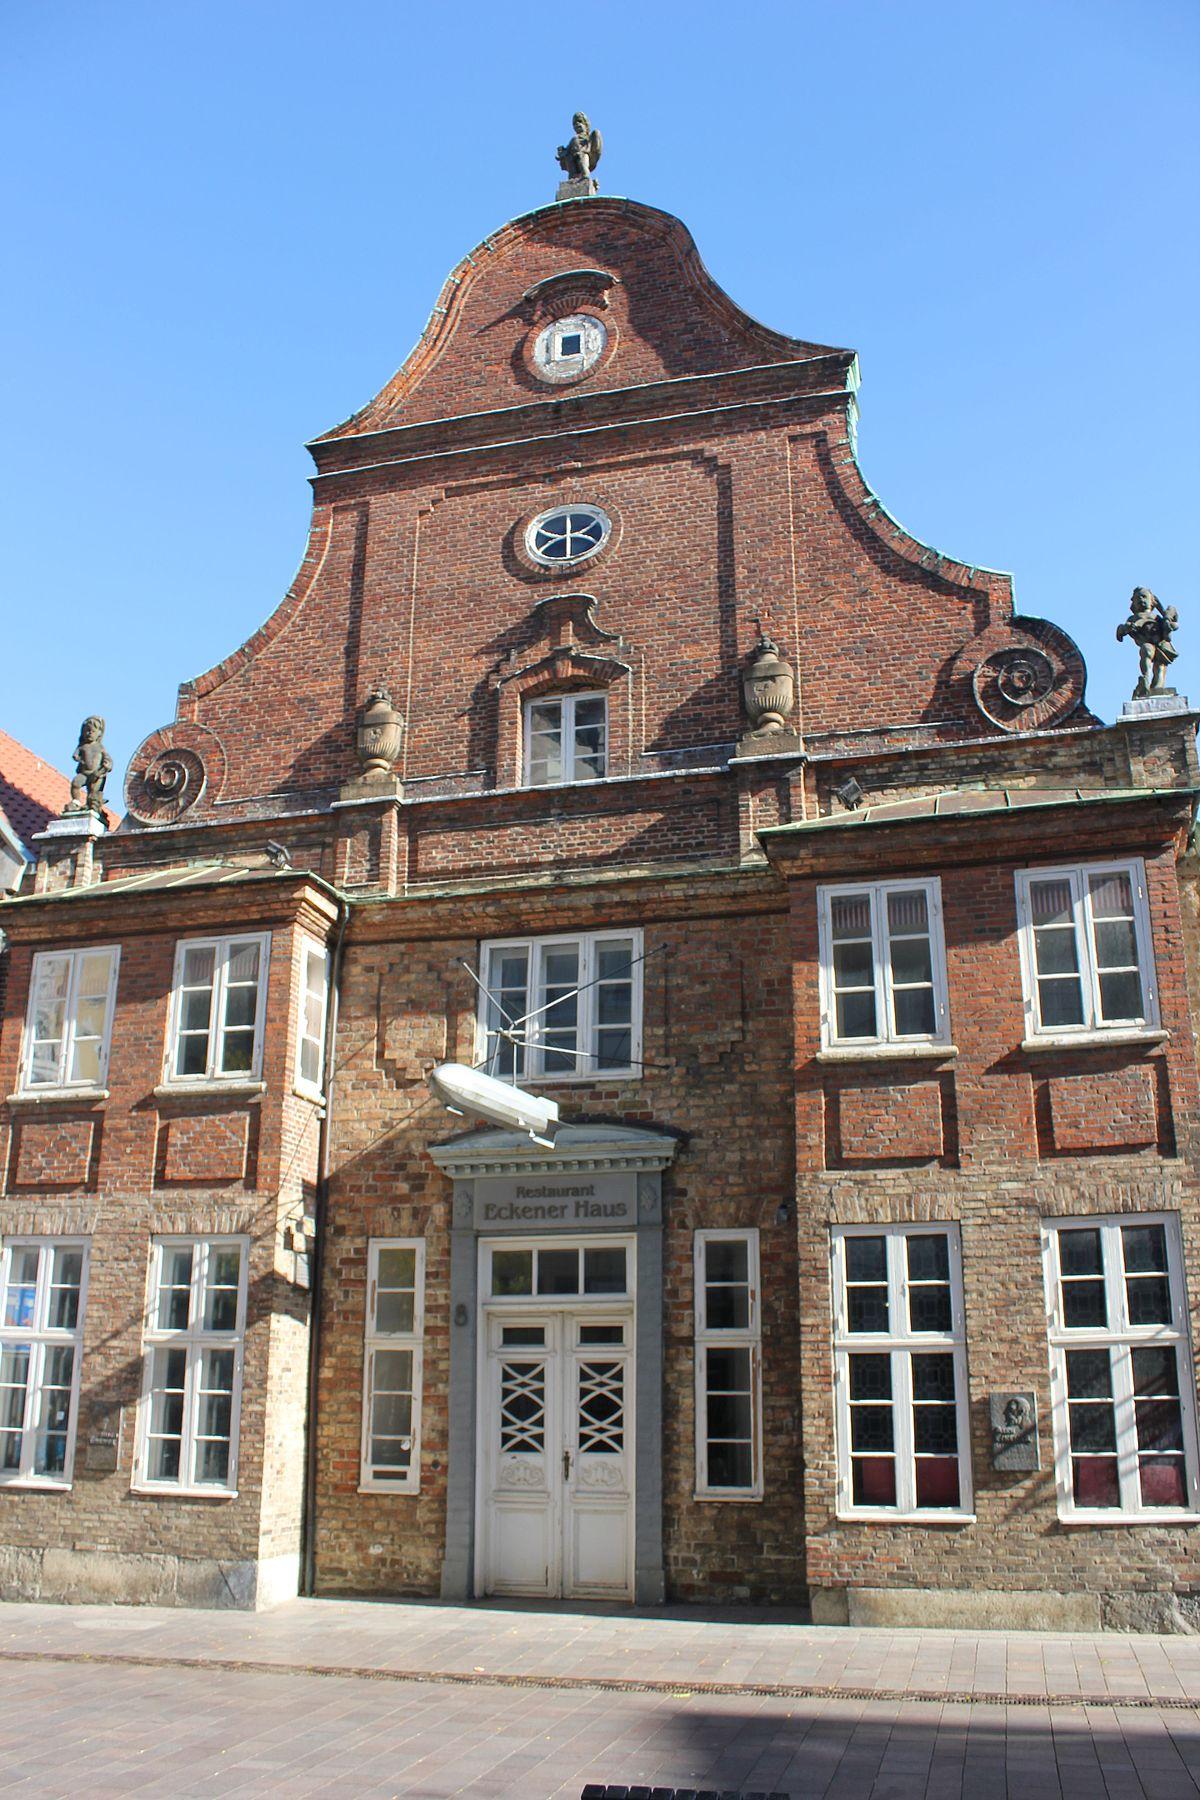 Eckener Haus – Wikipedia